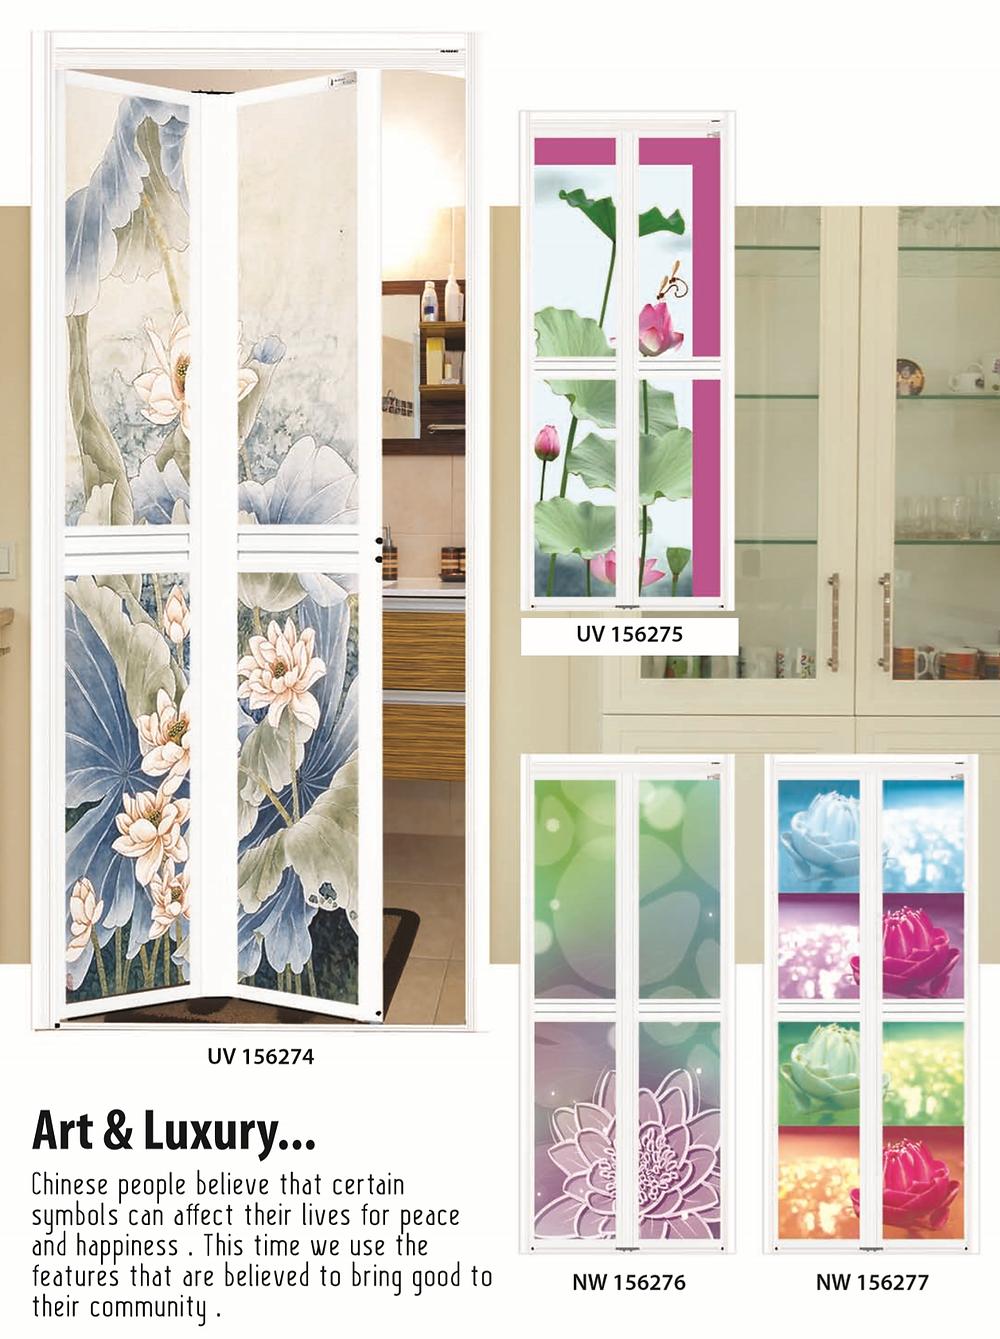 Toilet door in Singapore | Art & luxury